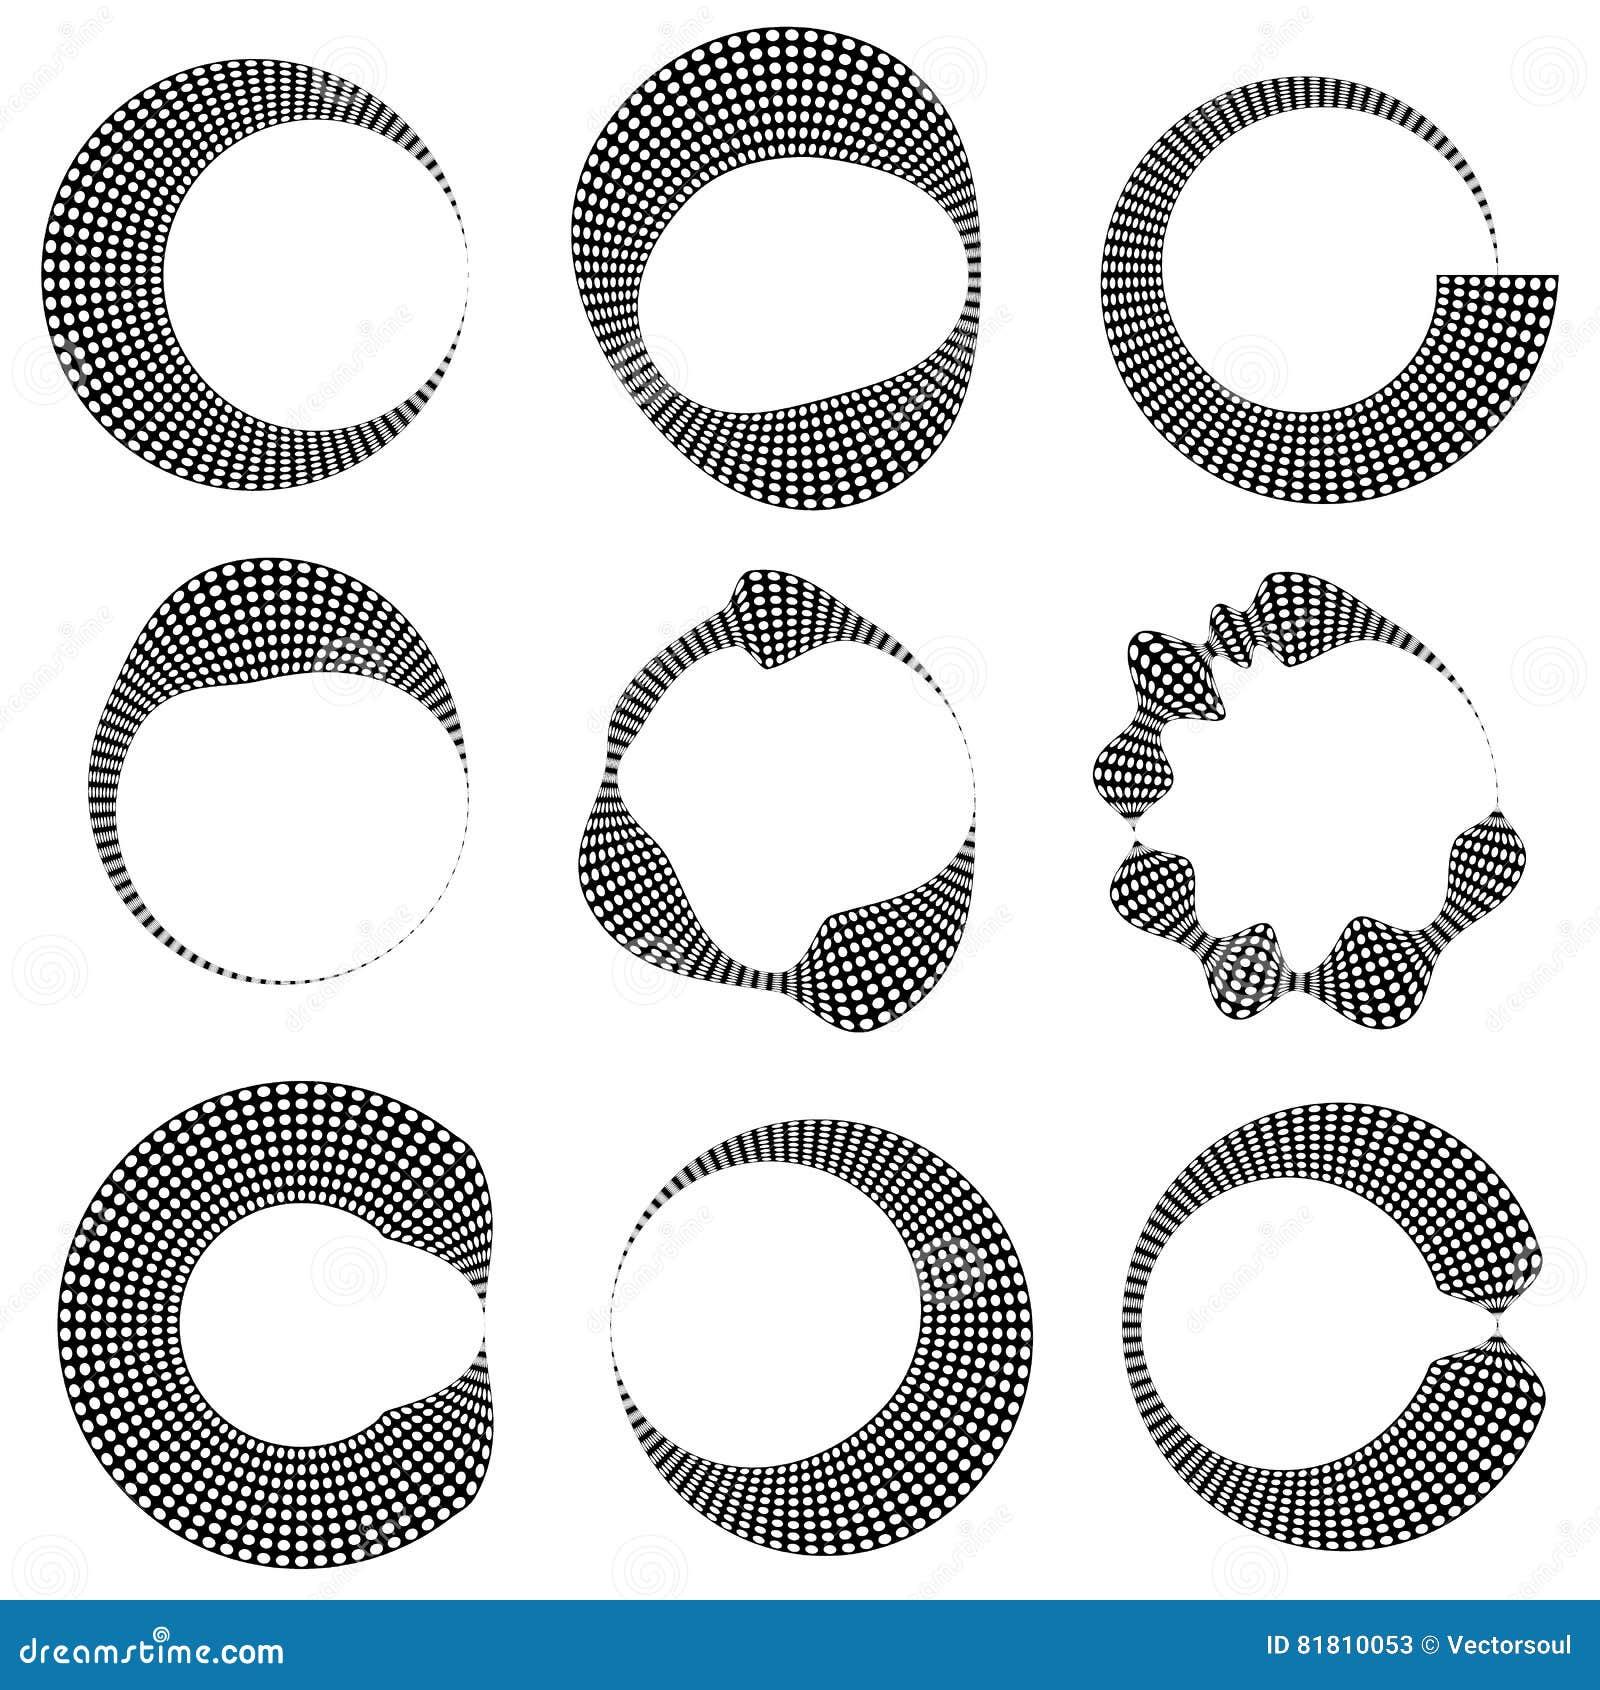 Геометрическим элементы поставленные точки циркуляром с искажением 9 различное